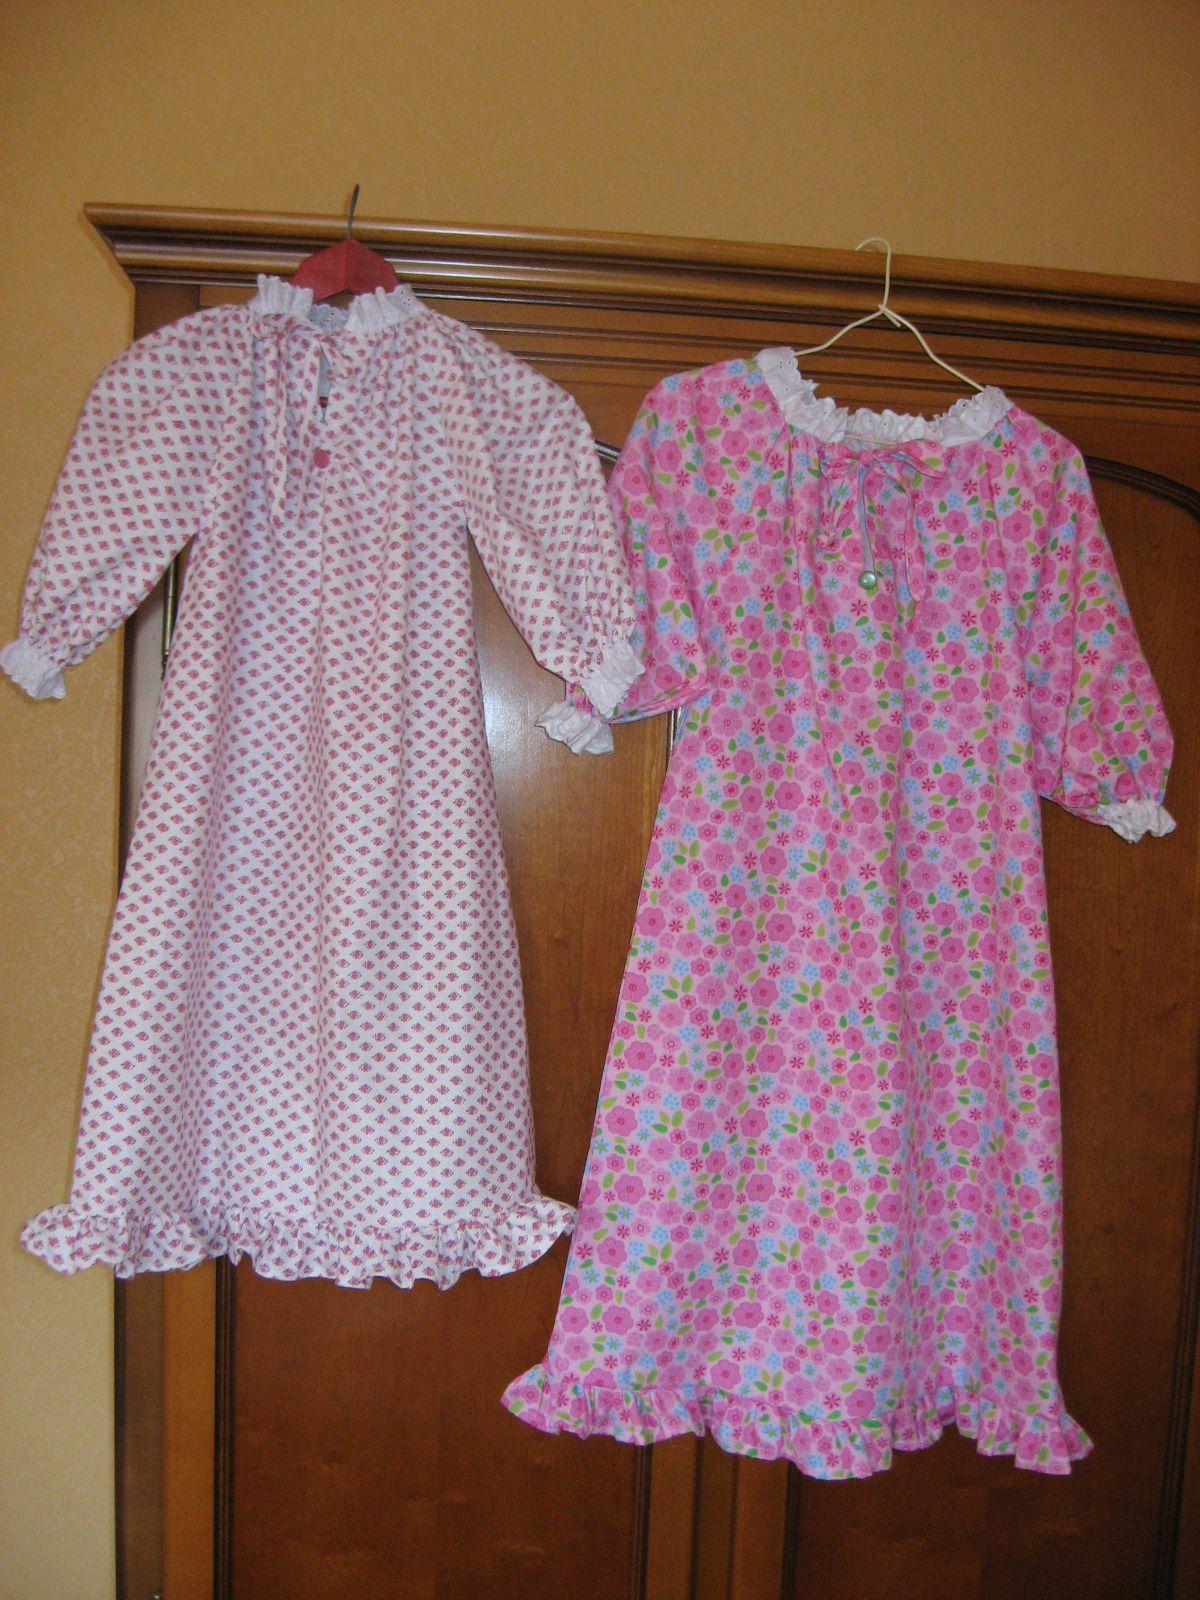 Une chemise de princesse pour fillettes tuto | Chemise de nuit, Chemise de nuit fillette et Chemise